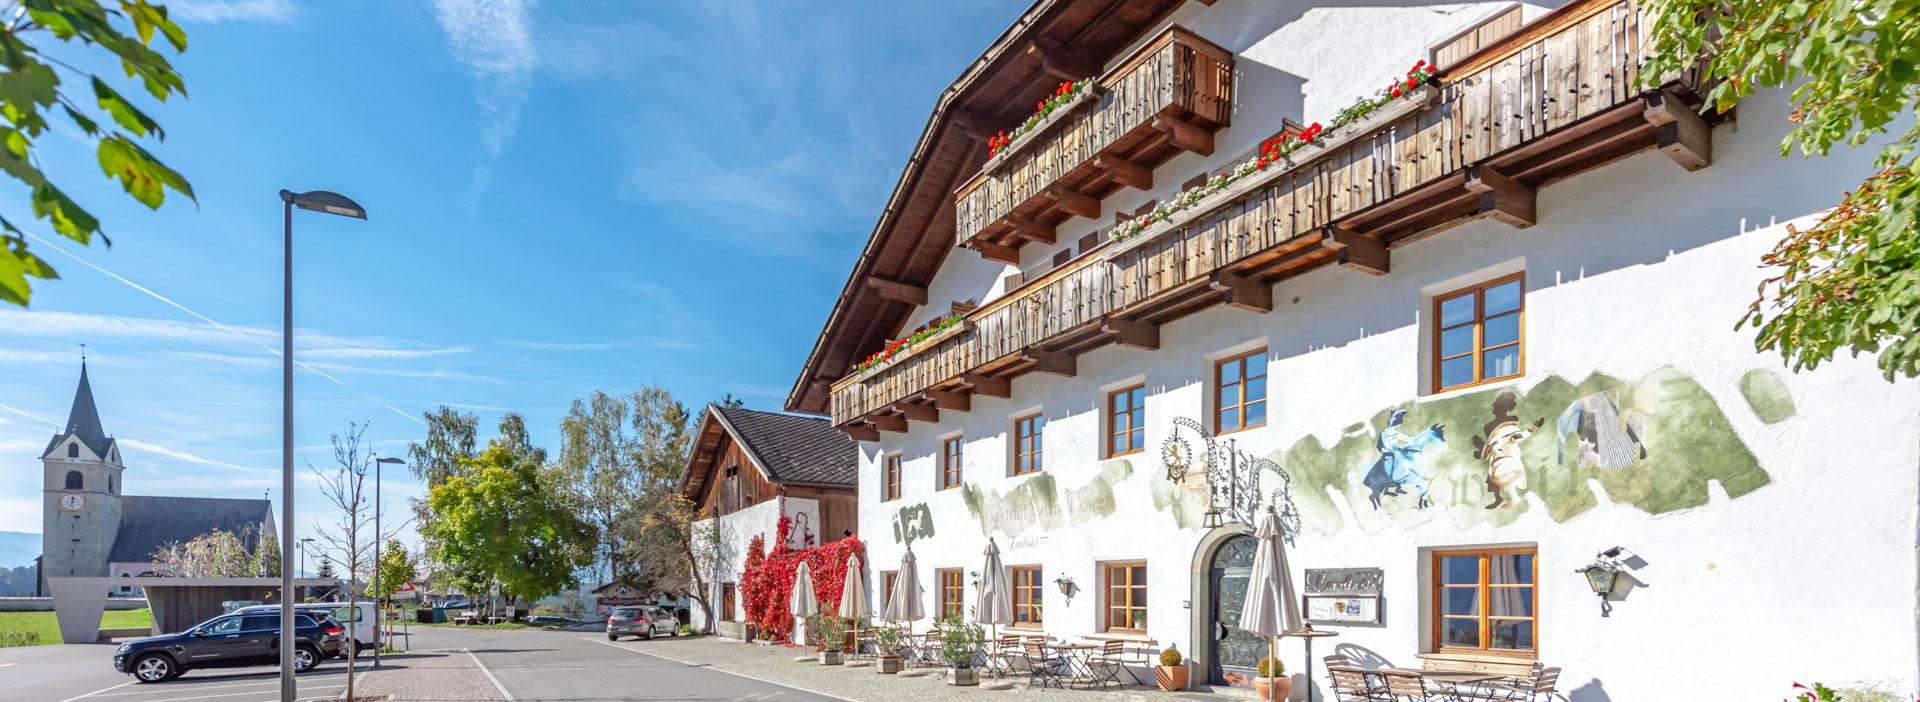 Landhotel Gasthof zum Löwen